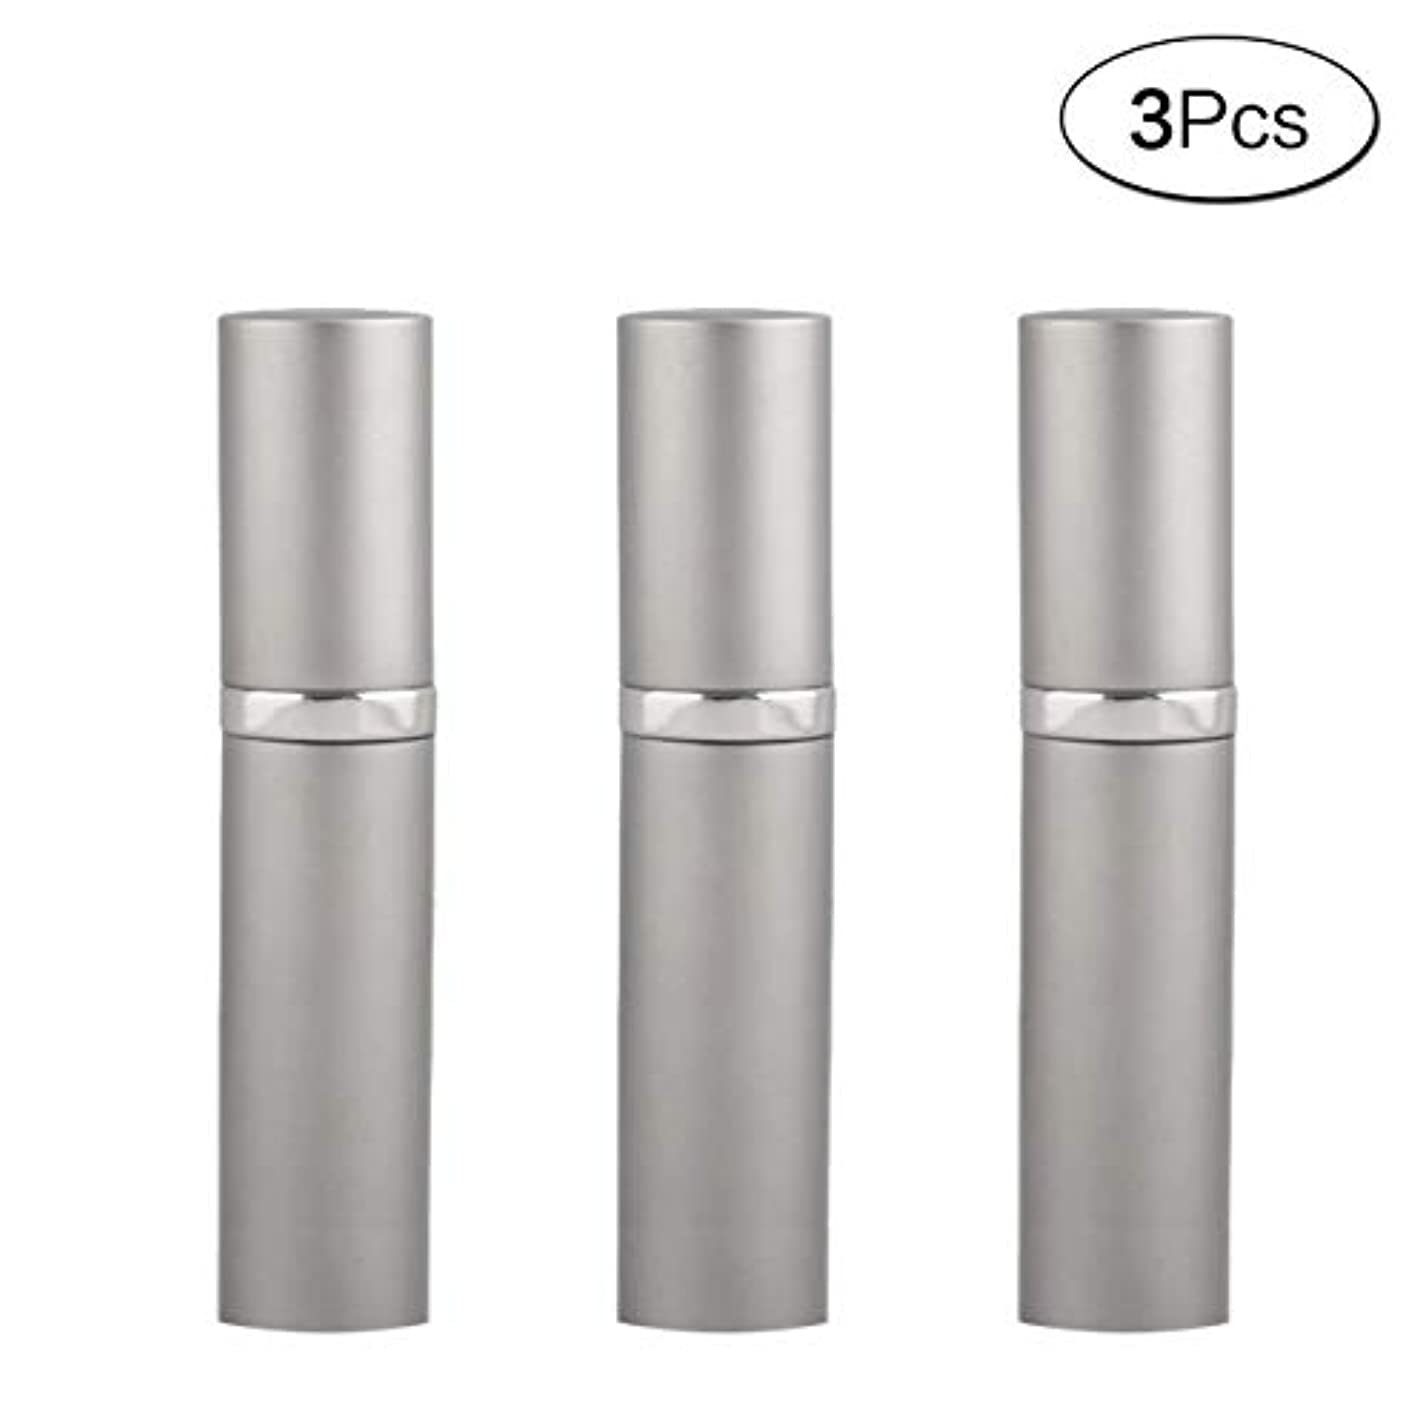 誘惑するモバイル時々時々5ML アトマイザ- 詰め替え ポータブル クイック 香水噴霧器 携帯用 詰め替え容器 香水用 ワンタッチ補充 (グレ-Gray) 3本